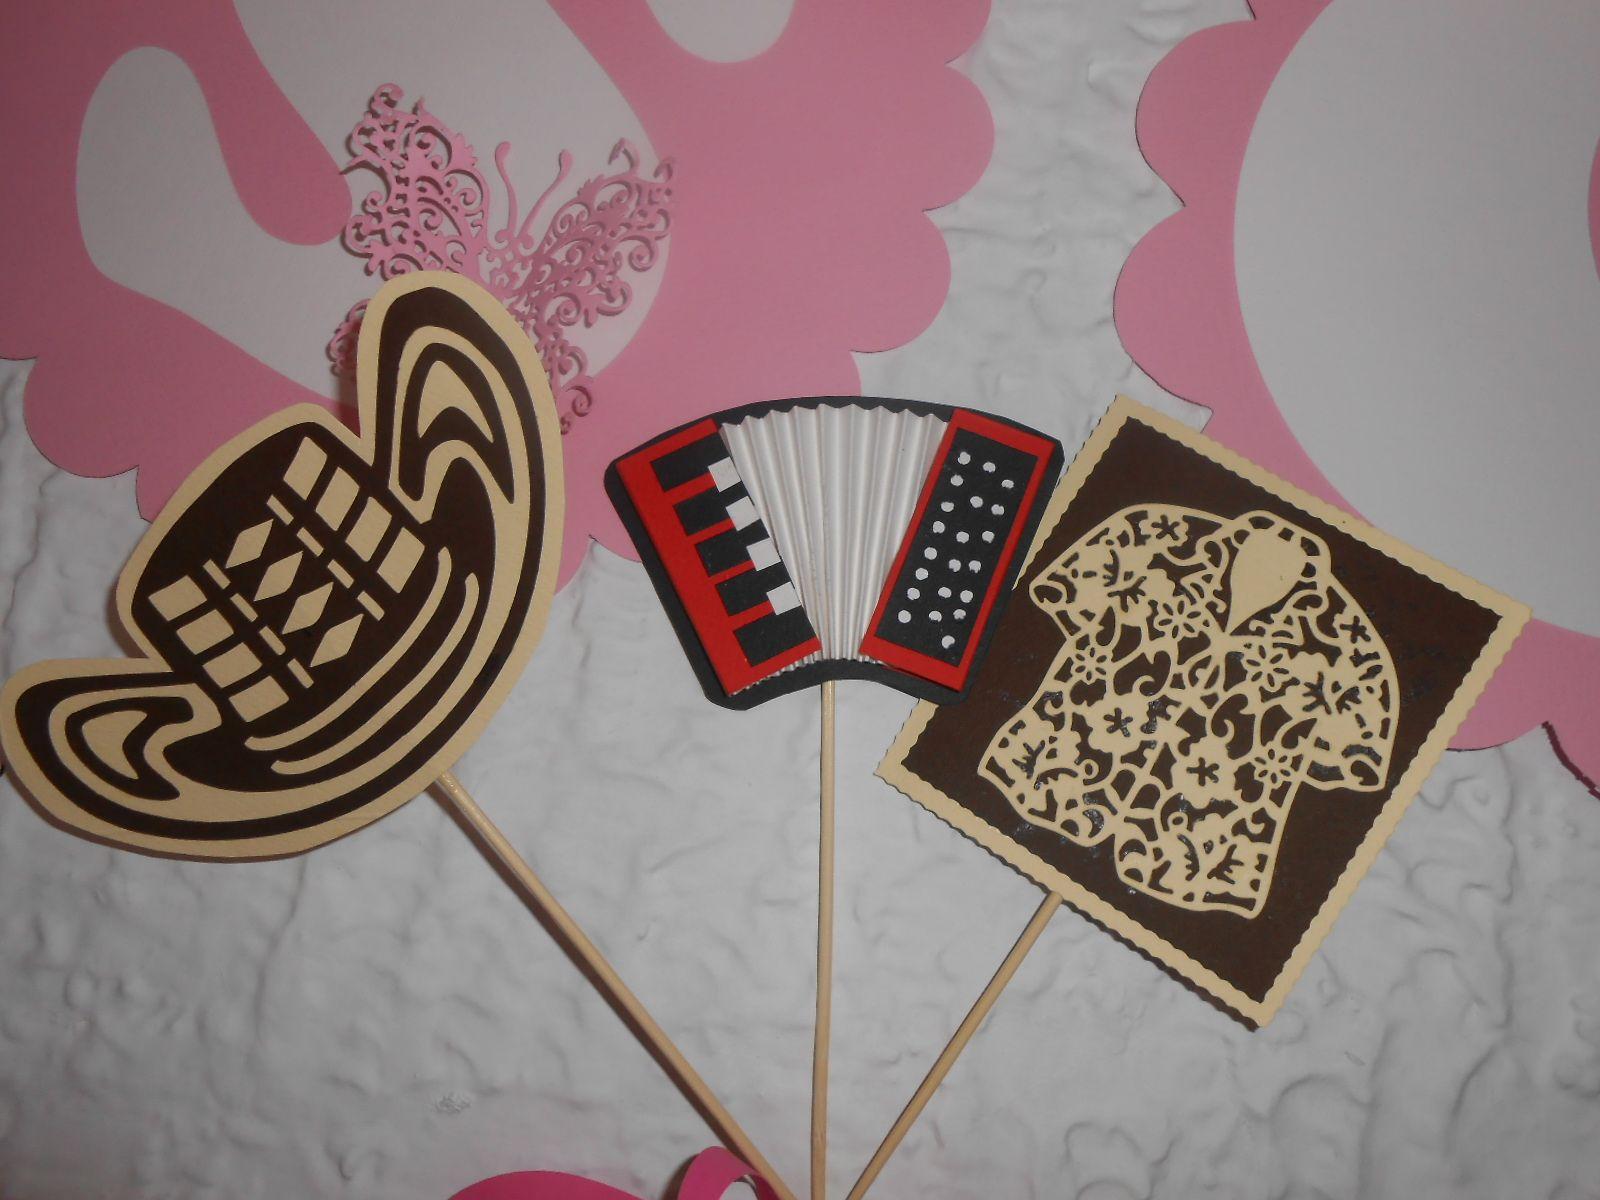 Etiquetas Costeño Decoracion De Carnaval Fiestas De